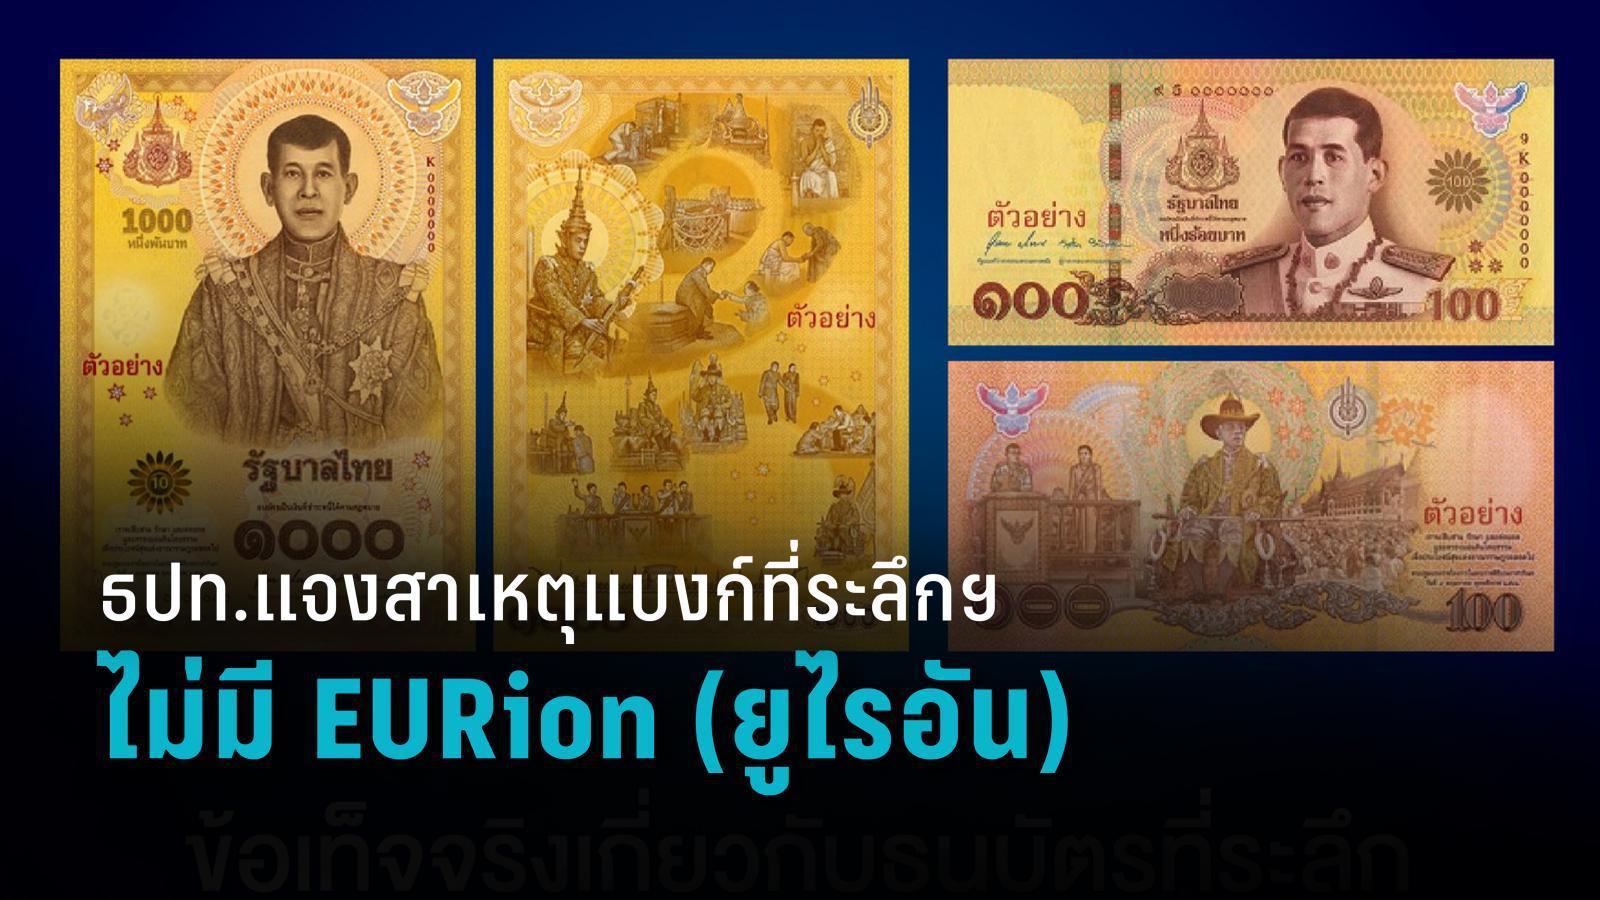 แจงสาเหตุ ธนบัตรที่ระลึกพระราชพิธีบรมราชาภิเษก พุทธศักราช 2562 ไม่มี EURion (ยูไรอัน)